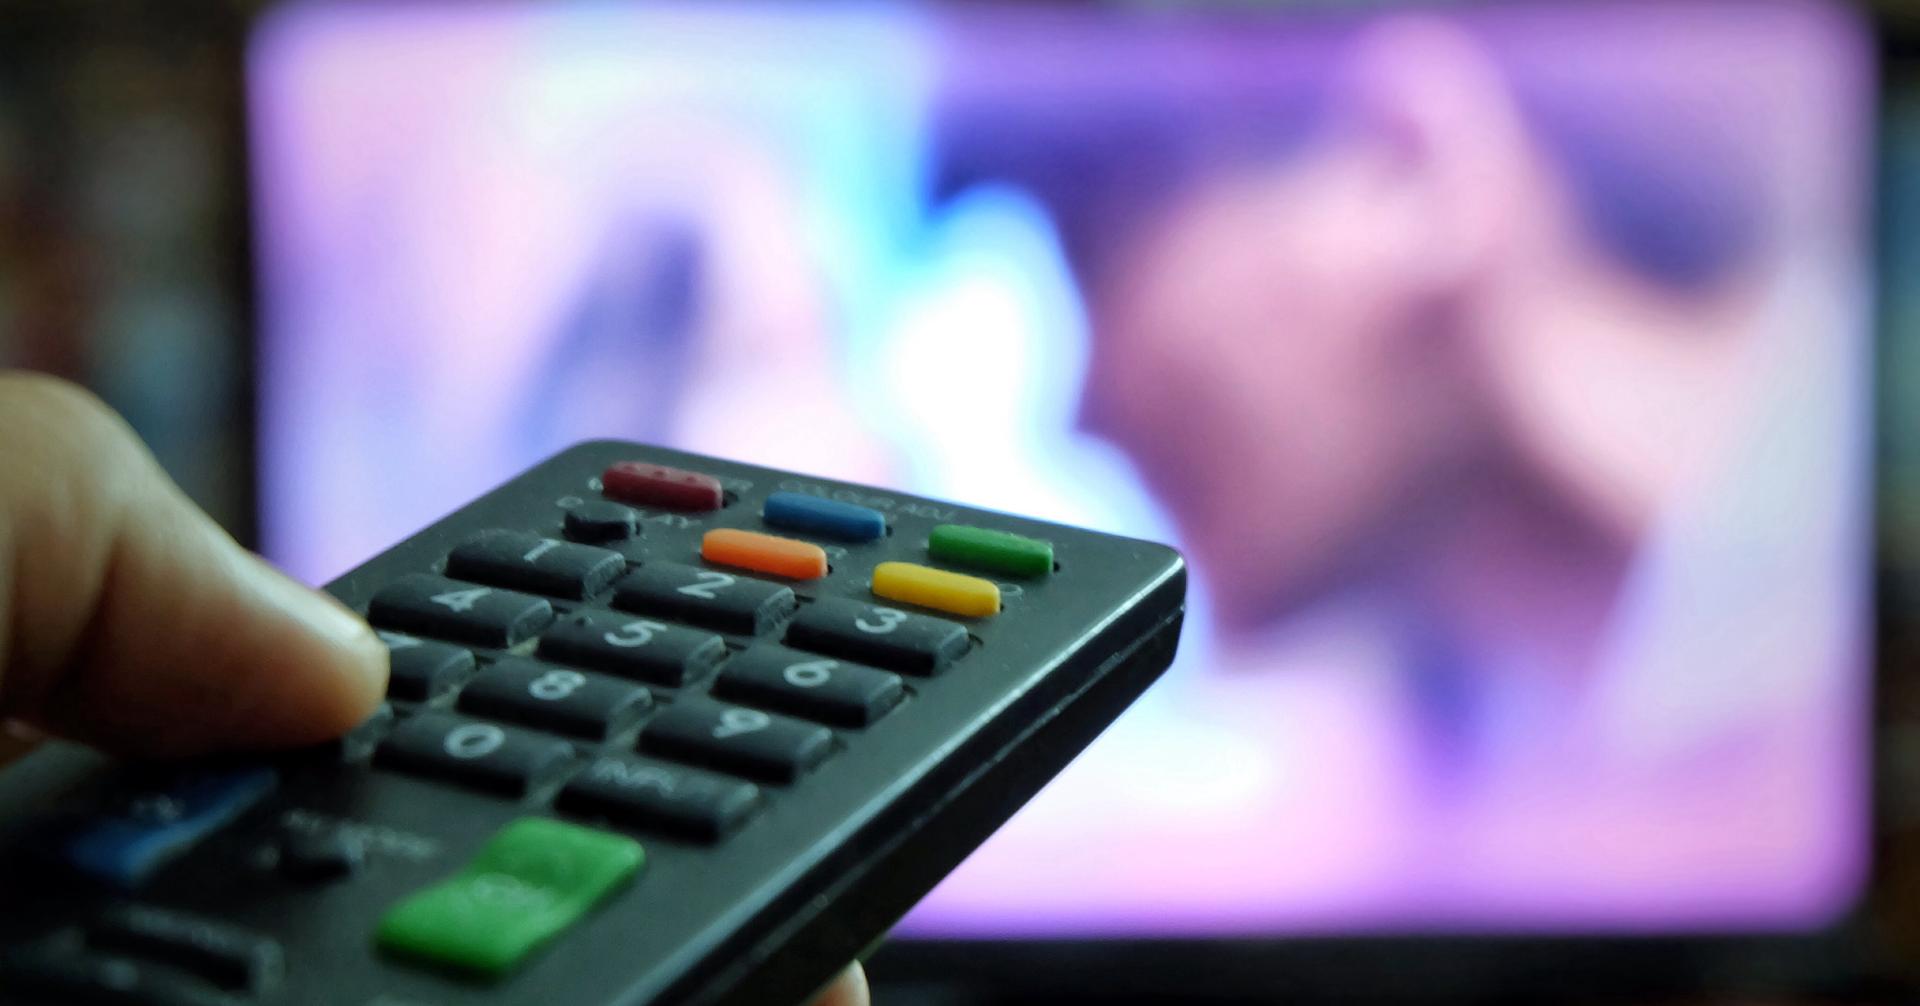 Reality Shows Brasil: Perfil da audiência e oportunidades para marcas